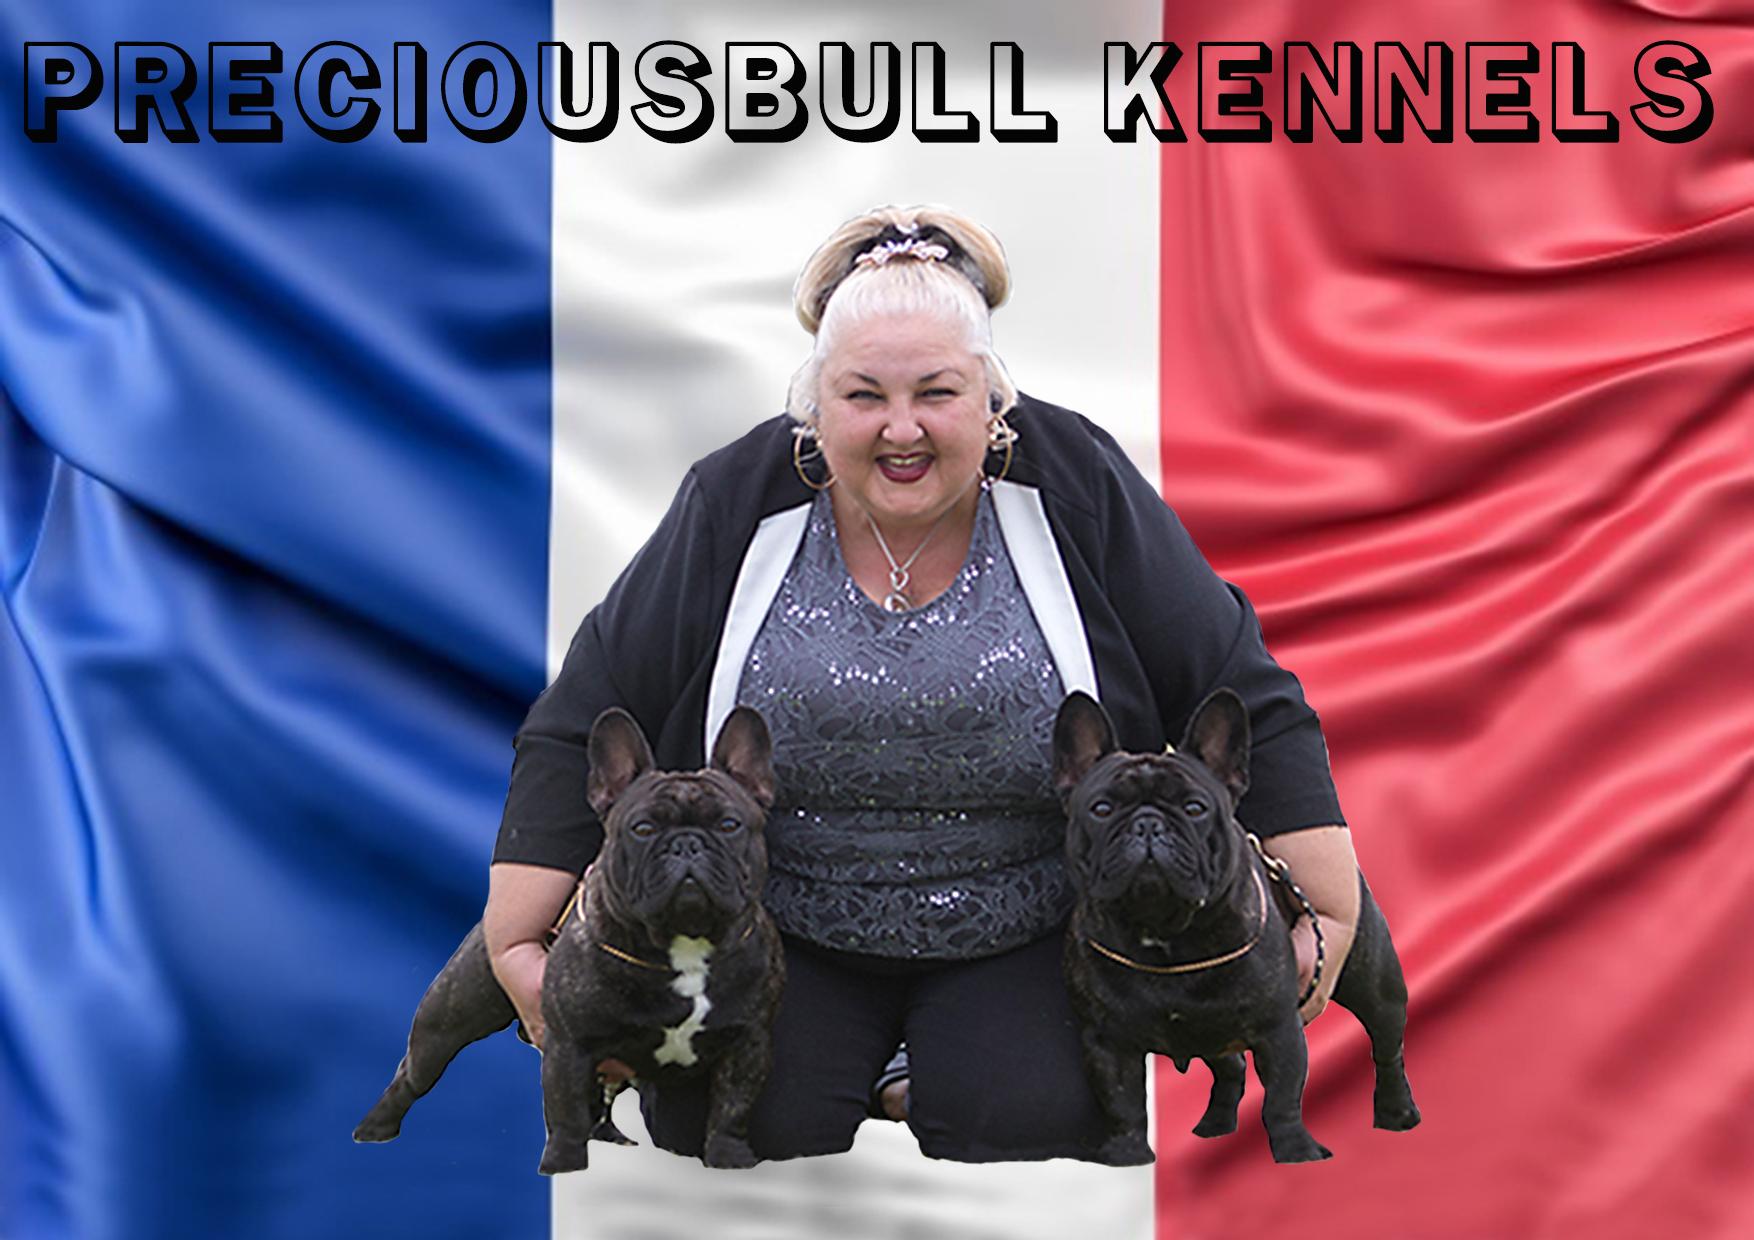 Preciousbull Kennels